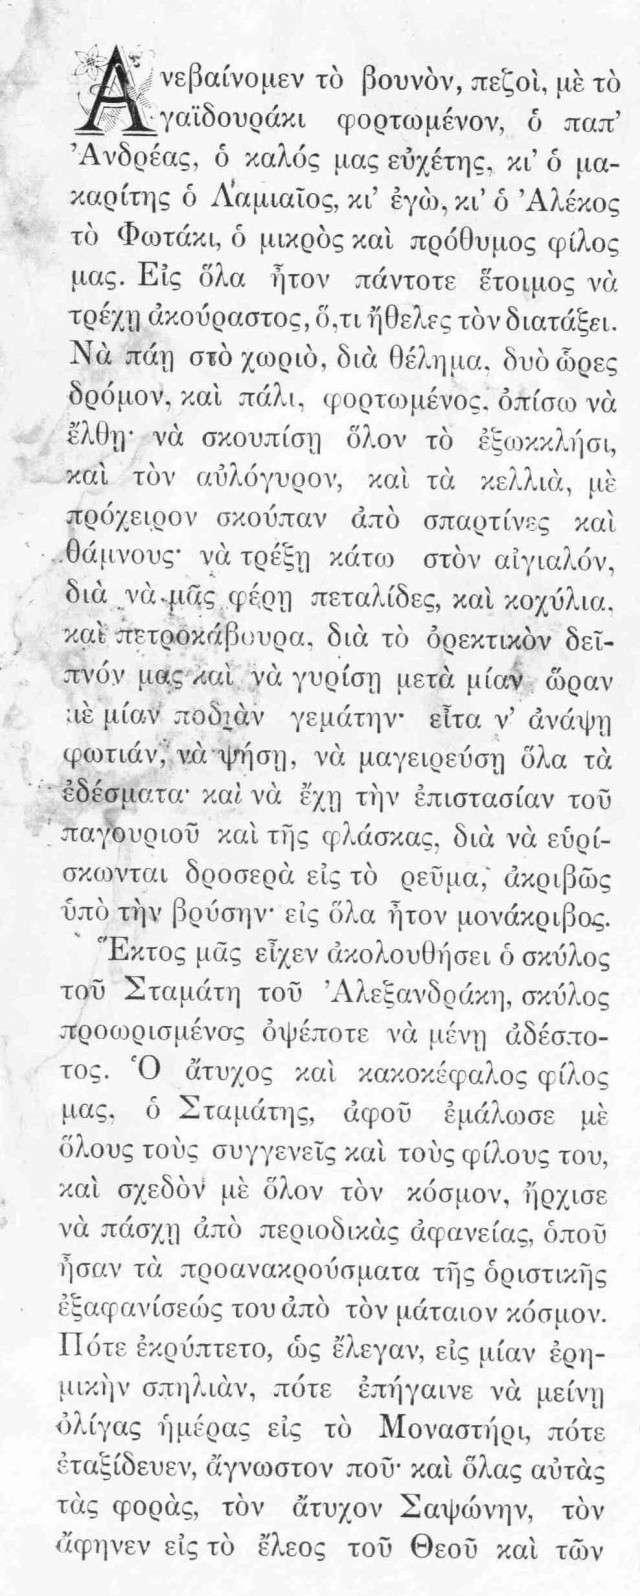 Πασχαλινές διακοπές σημαίνουν Παπαδιαμάντης! (αφιέρωμα σε πασχαλινά διηγήματα του κυρ Αλέξανδρου) Iiiiii40